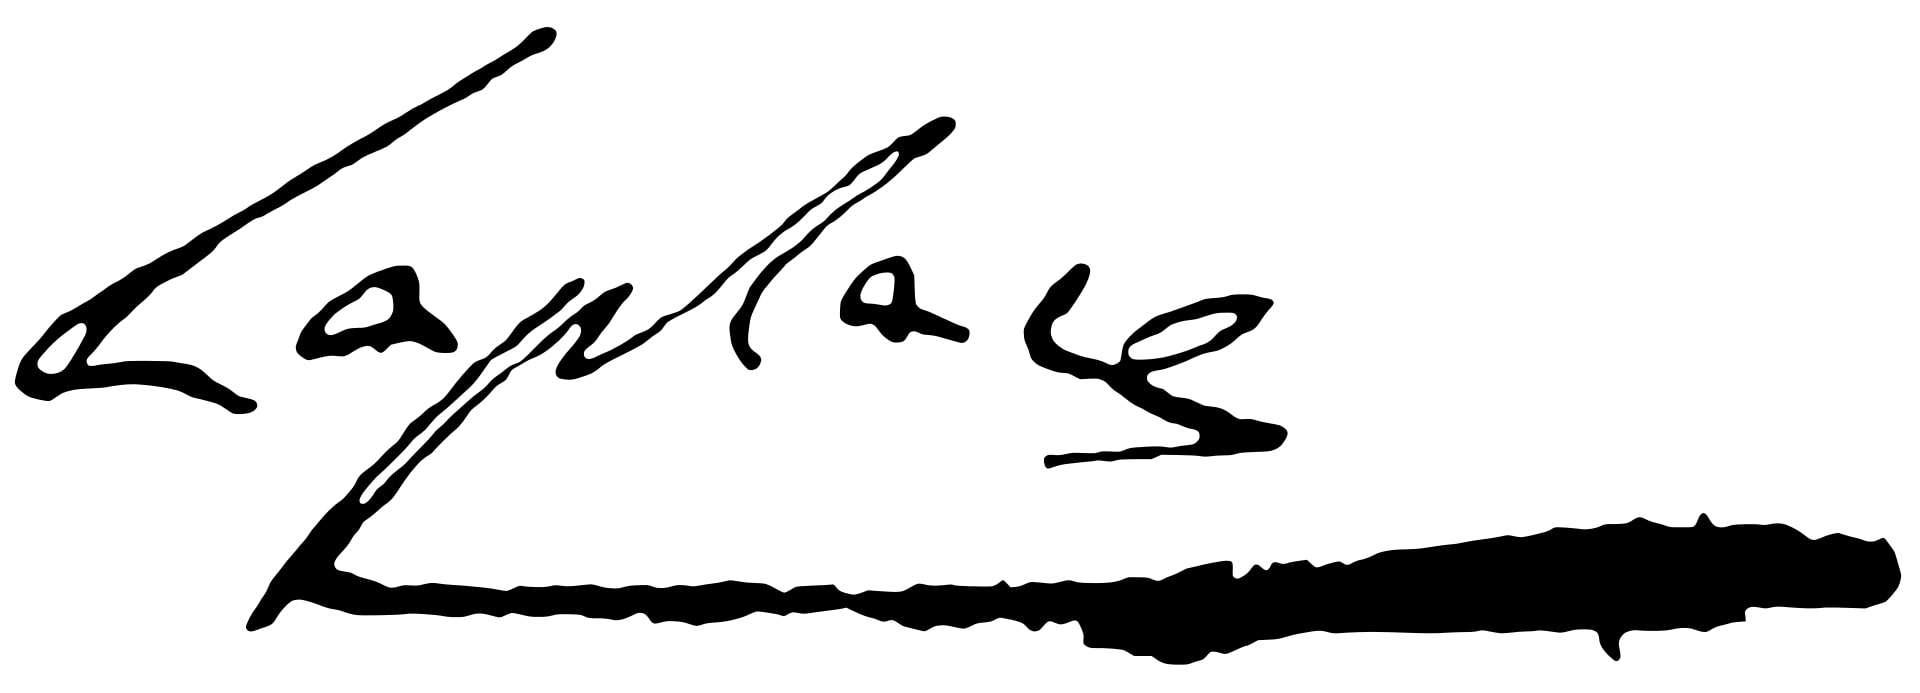 Pierre-Simon Laplace Signature